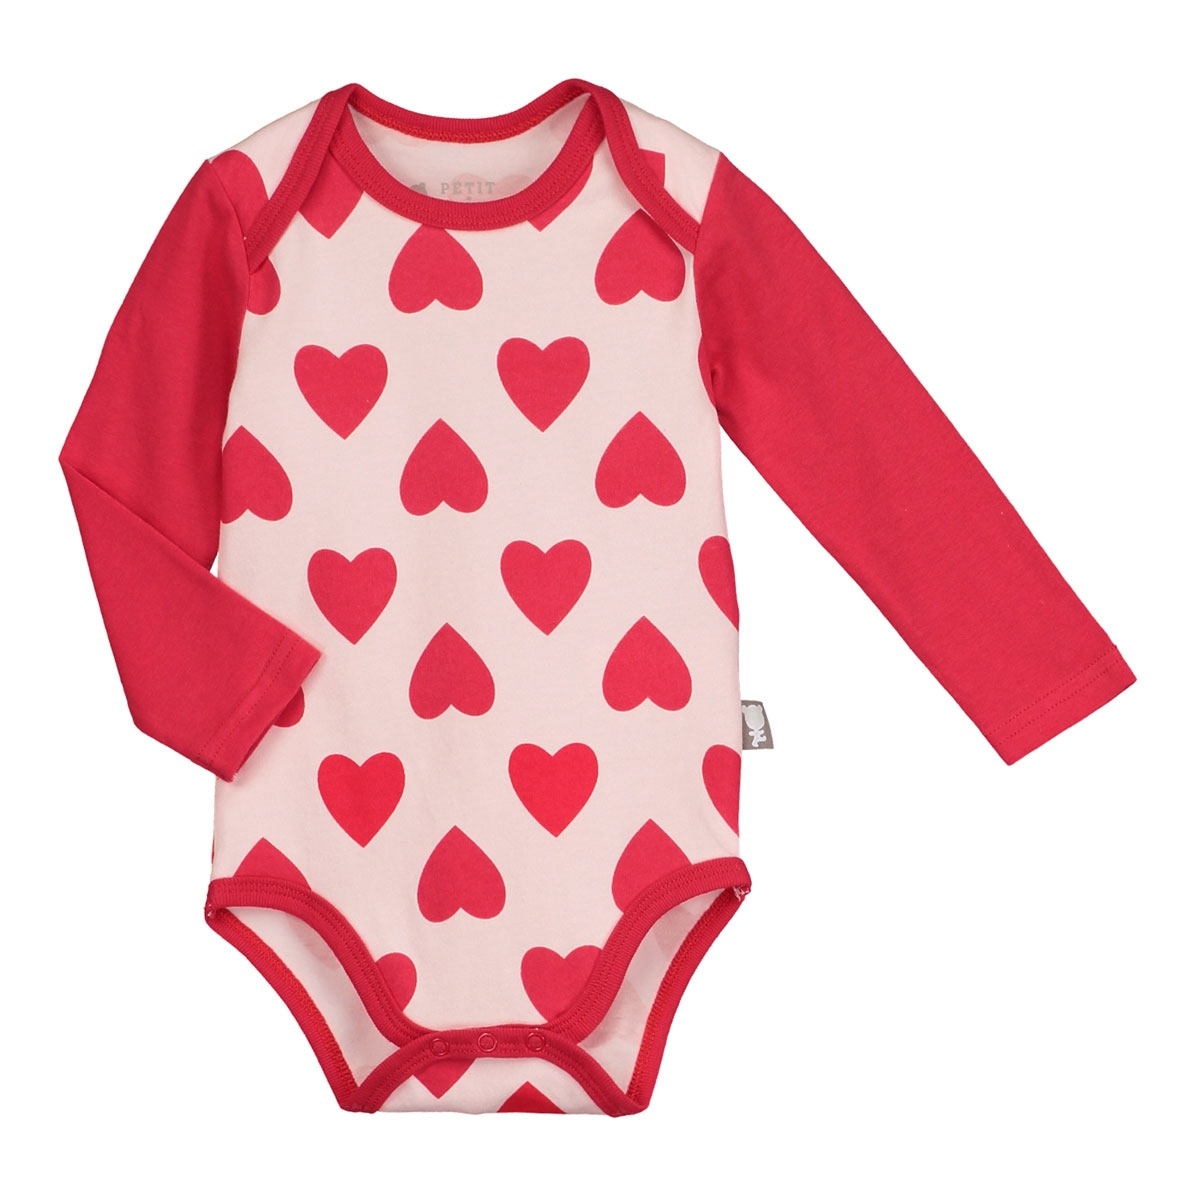 Lot de 2 bodies manches longues bébé fille Minilove- PETIT BEGUIN 7d1fc1713c7